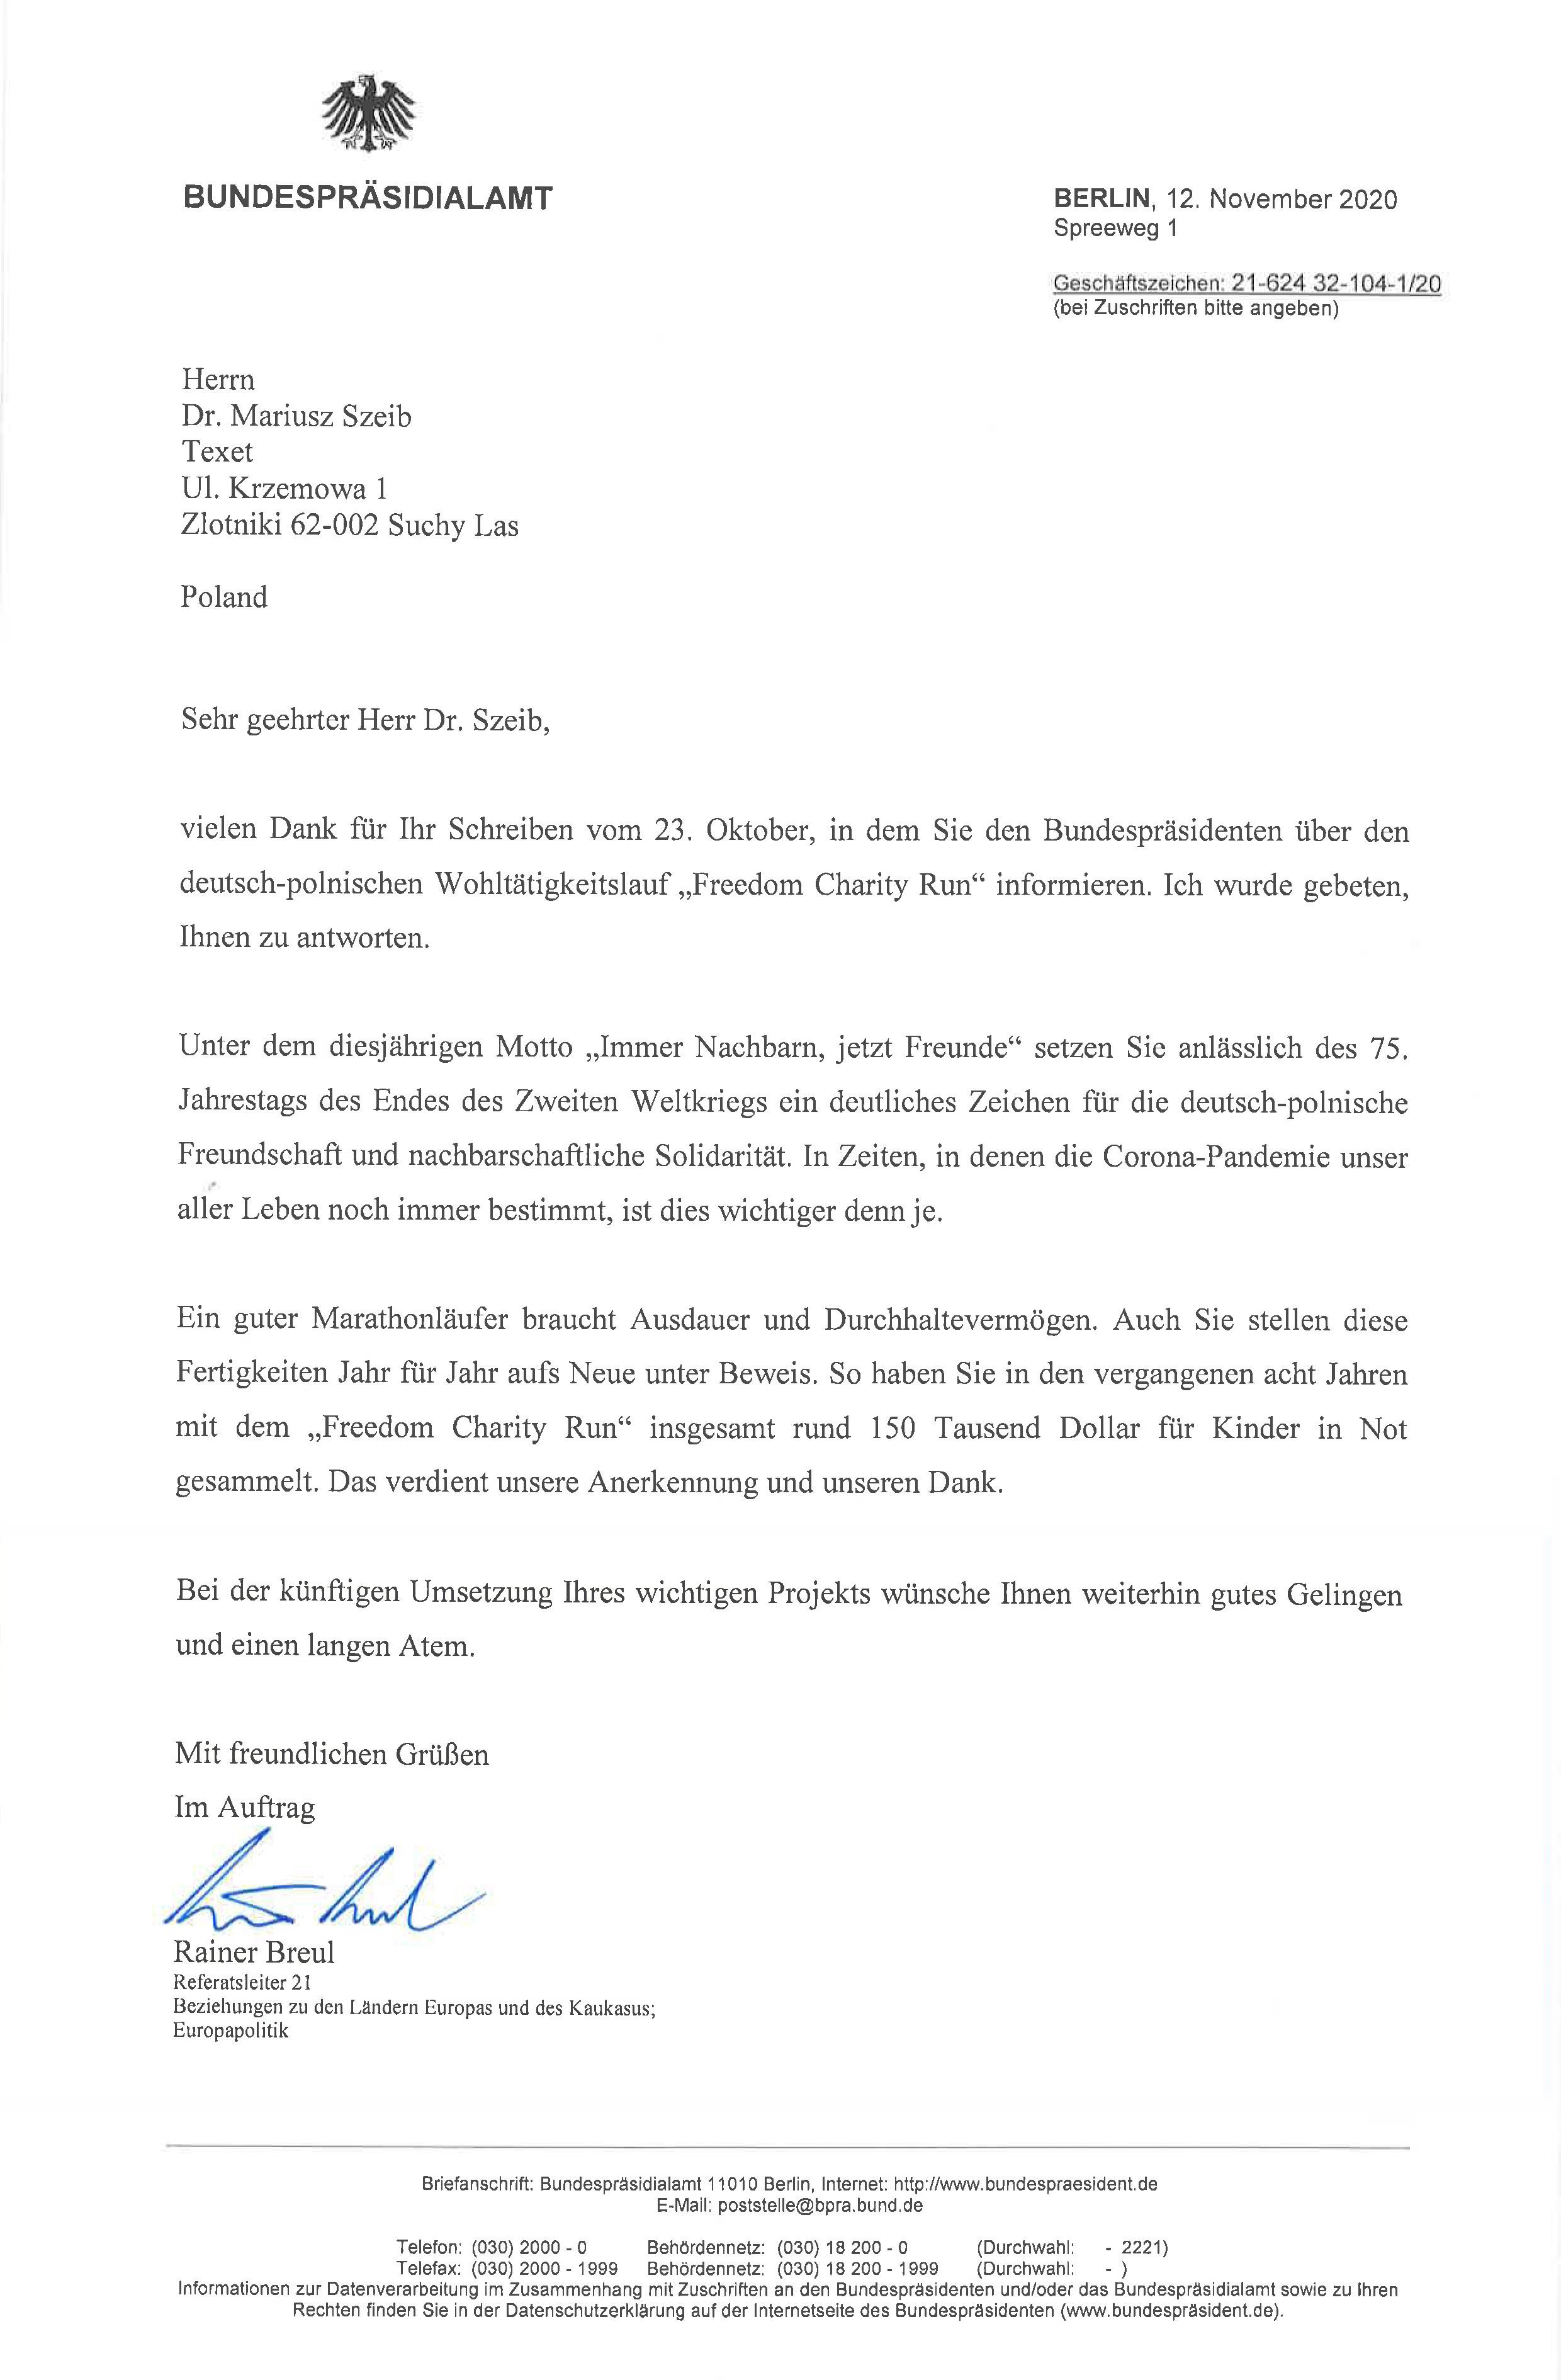 Prezydent Niemiec list_